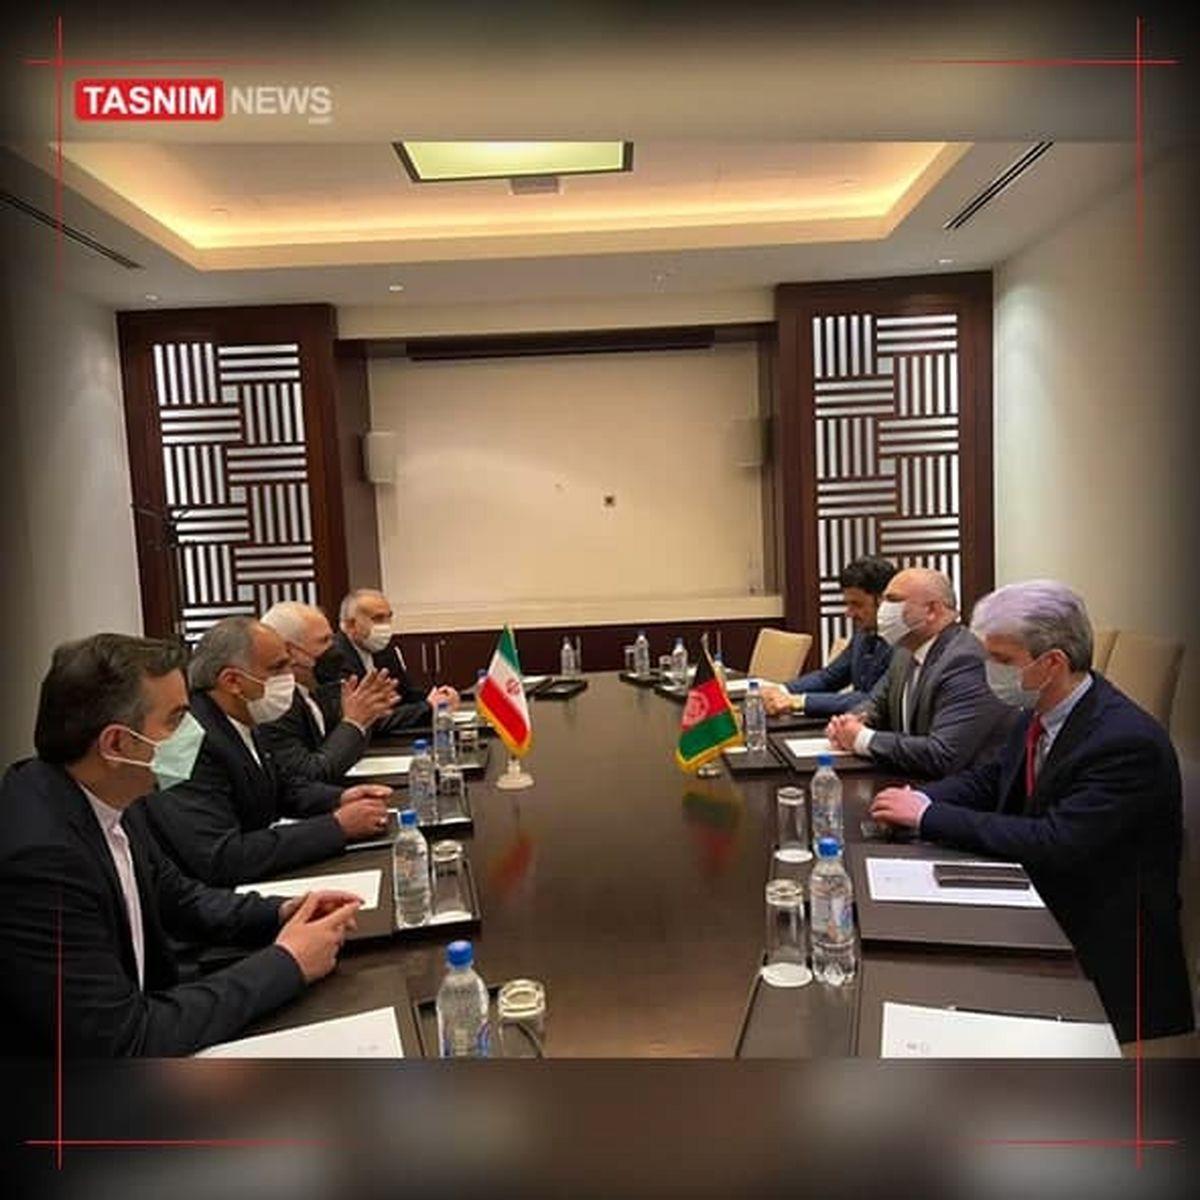 دیدار وزرای خارجه افغانستان و ایران در تاجیکستان +عکس